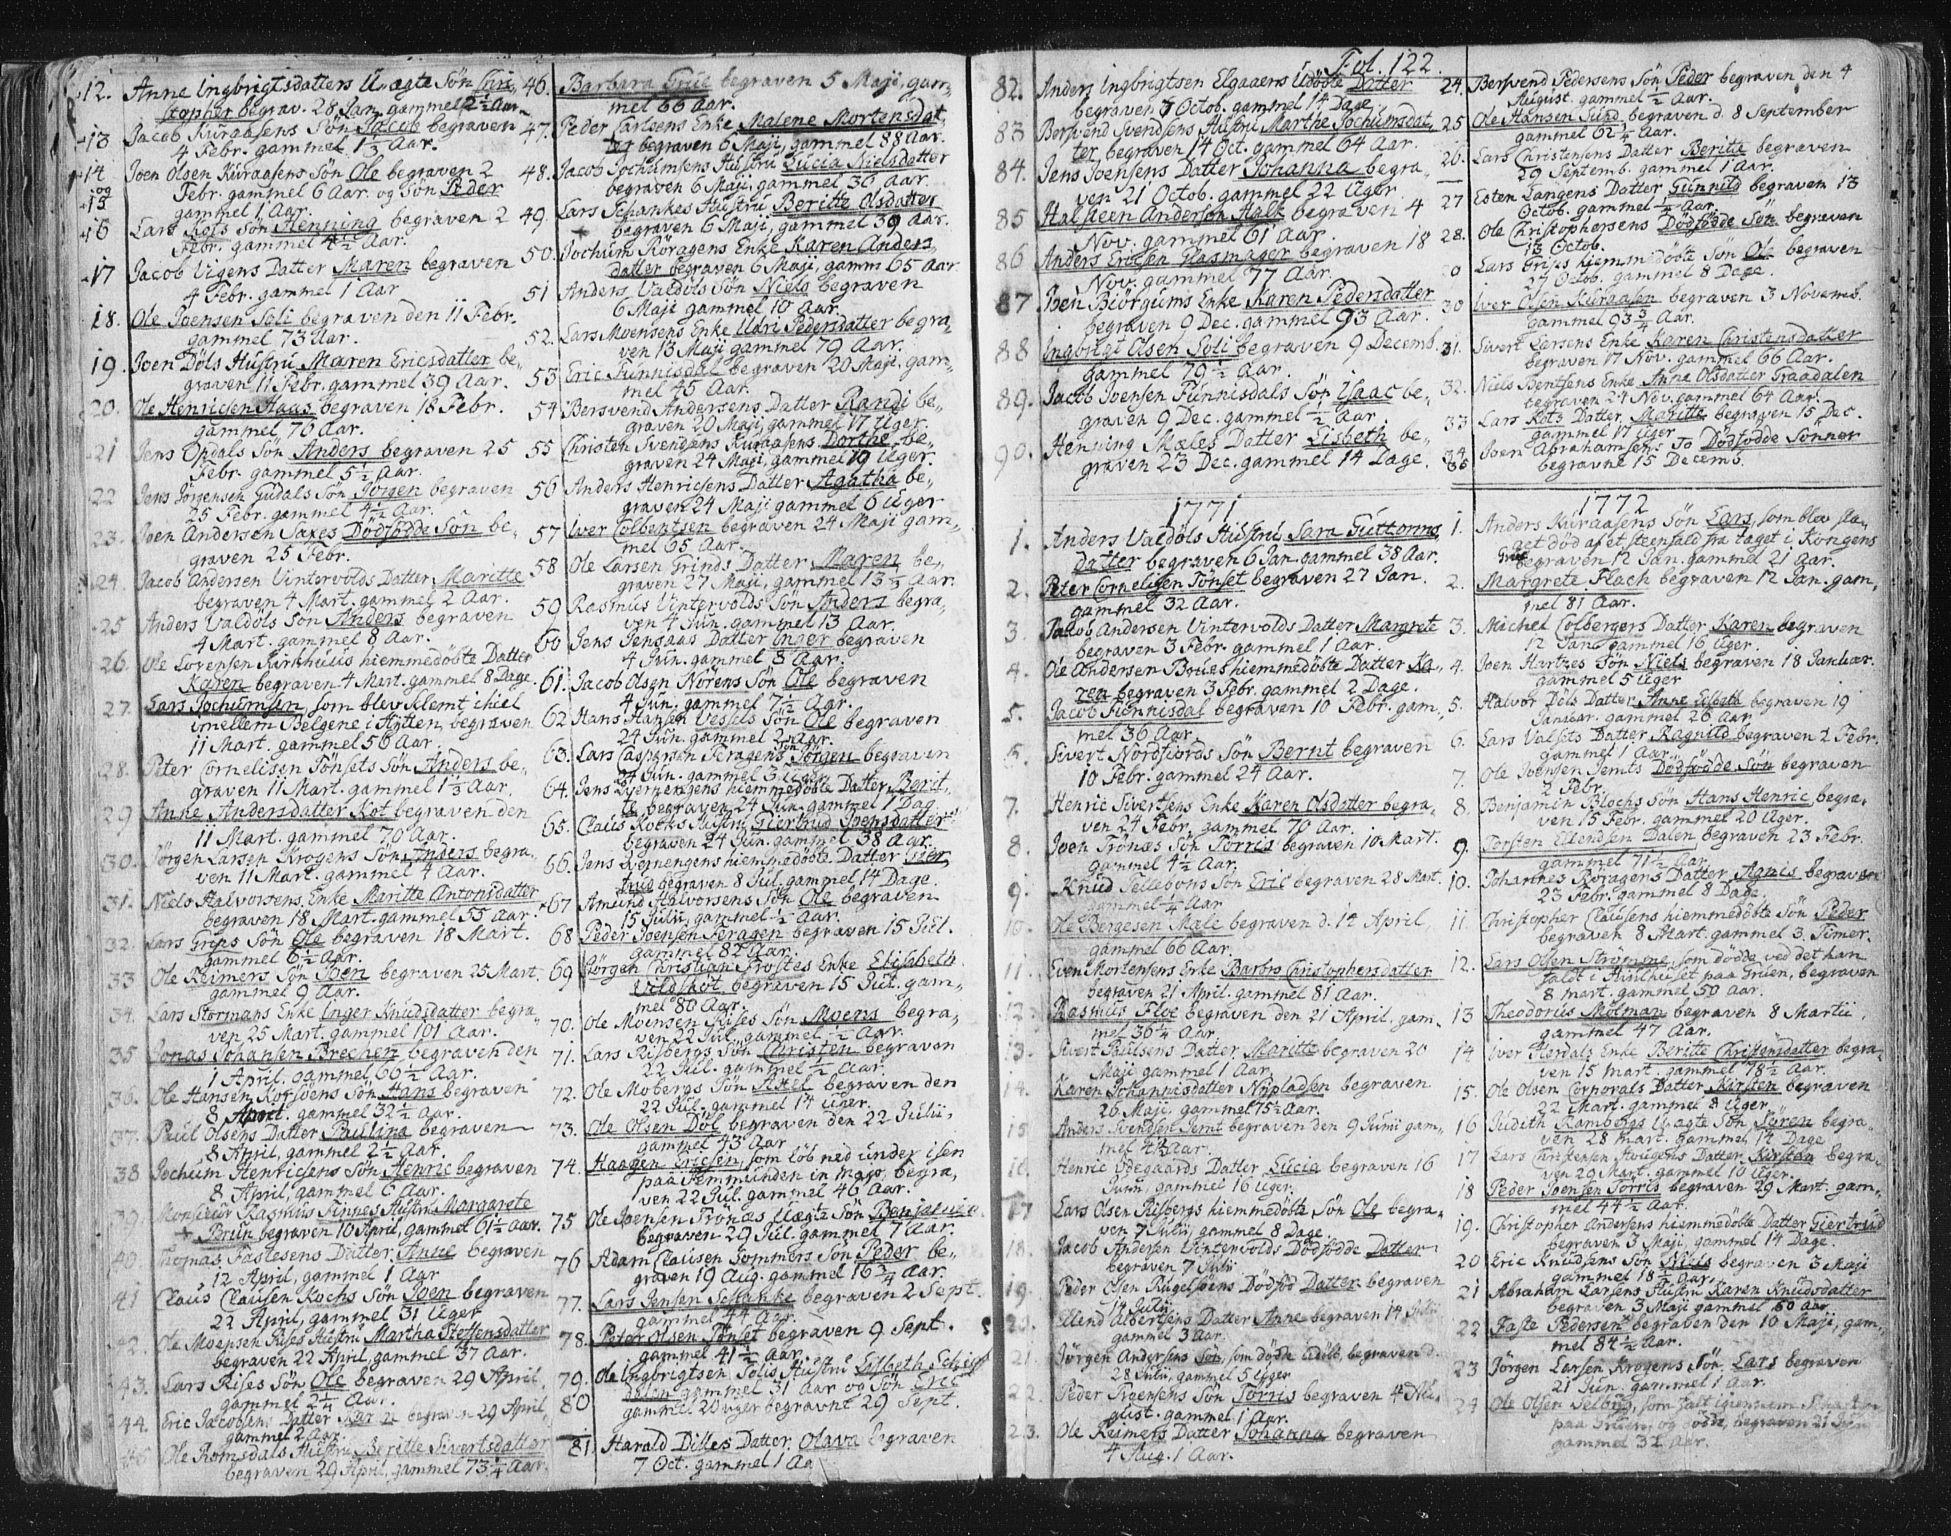 SAT, Ministerialprotokoller, klokkerbøker og fødselsregistre - Sør-Trøndelag, 681/L0926: Ministerialbok nr. 681A04, 1767-1797, s. 122